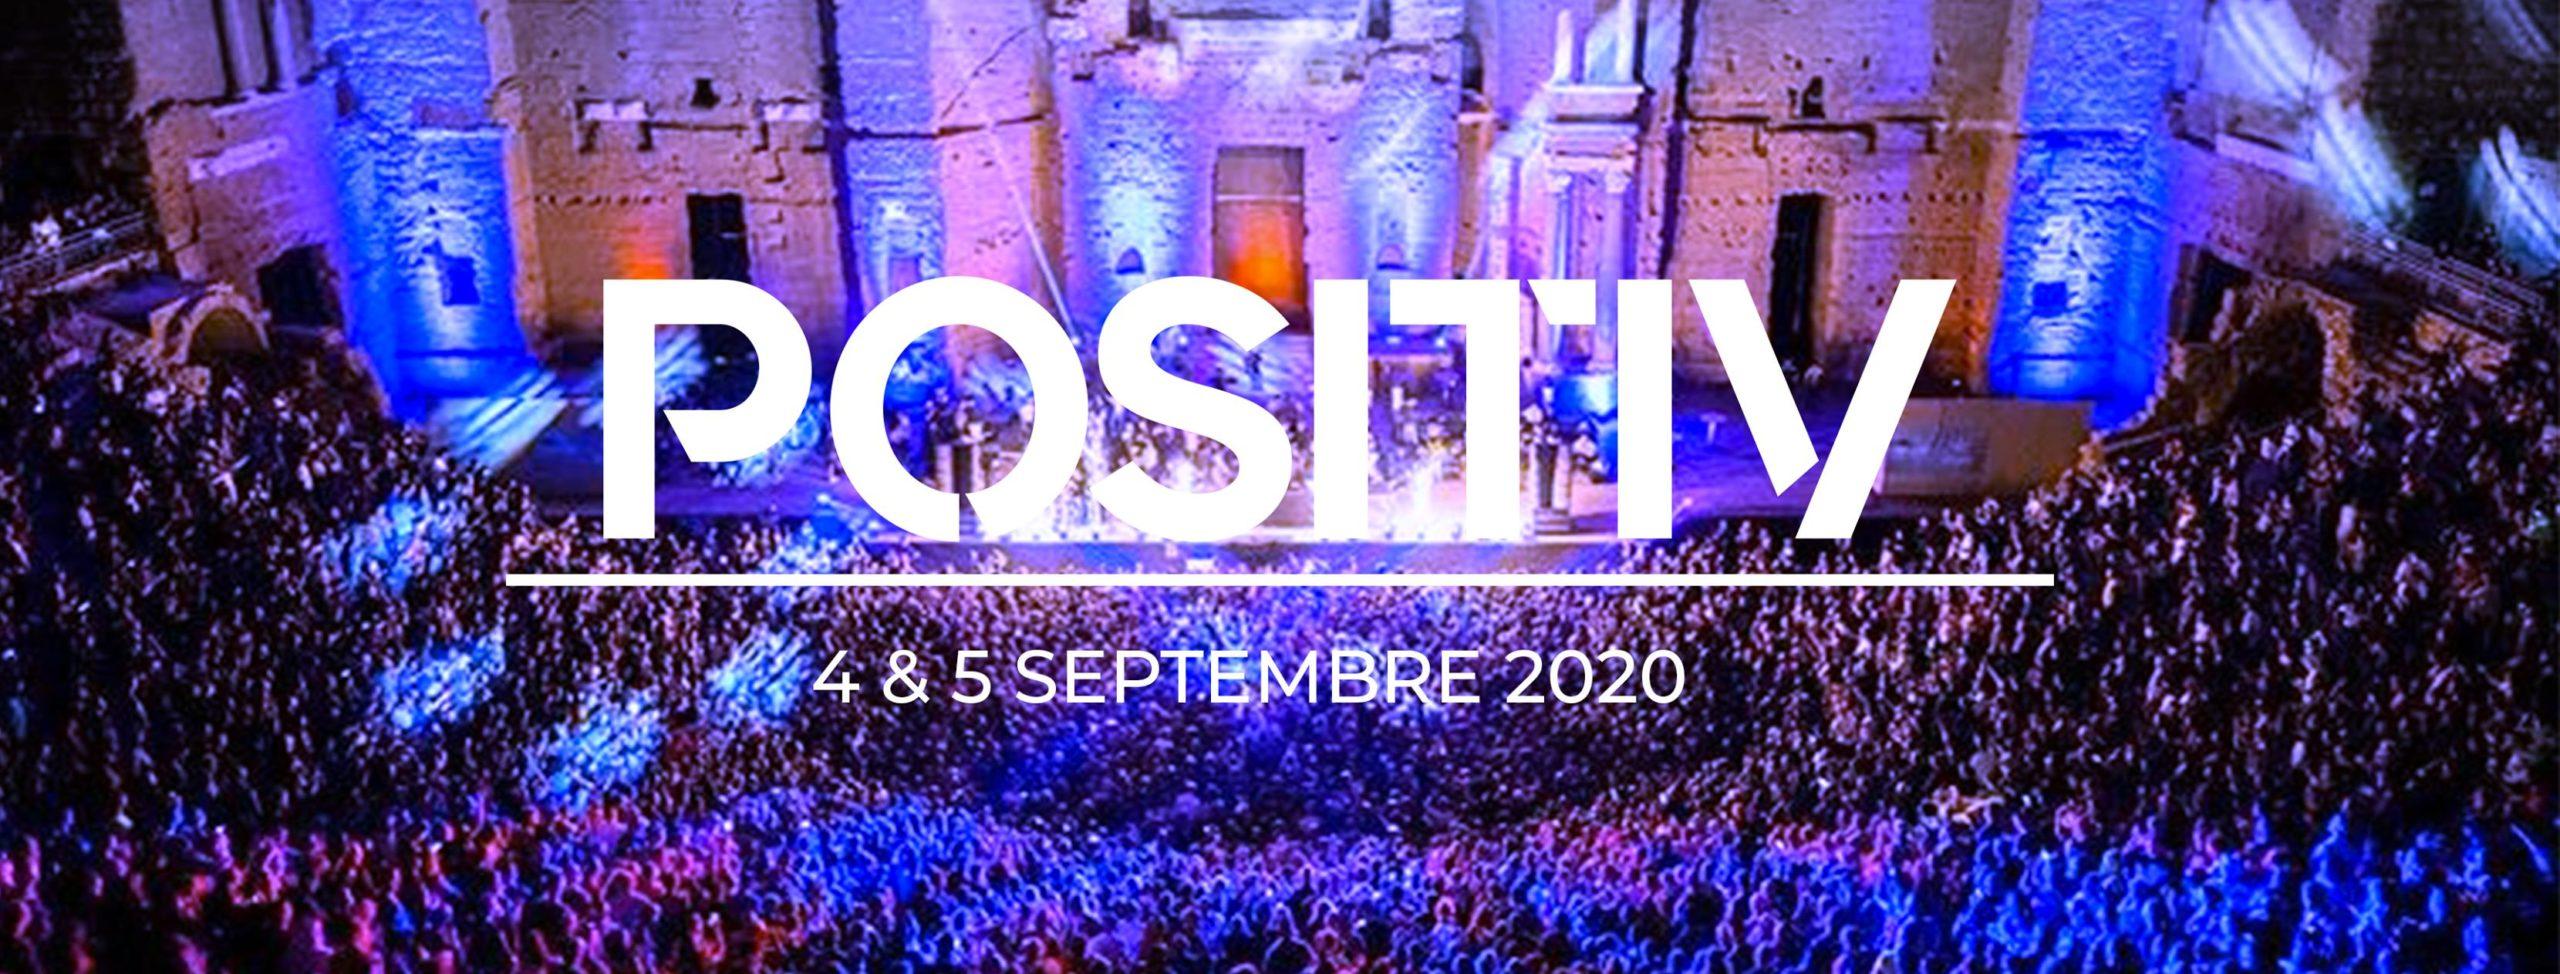 Cover du Positiv Festival 2020